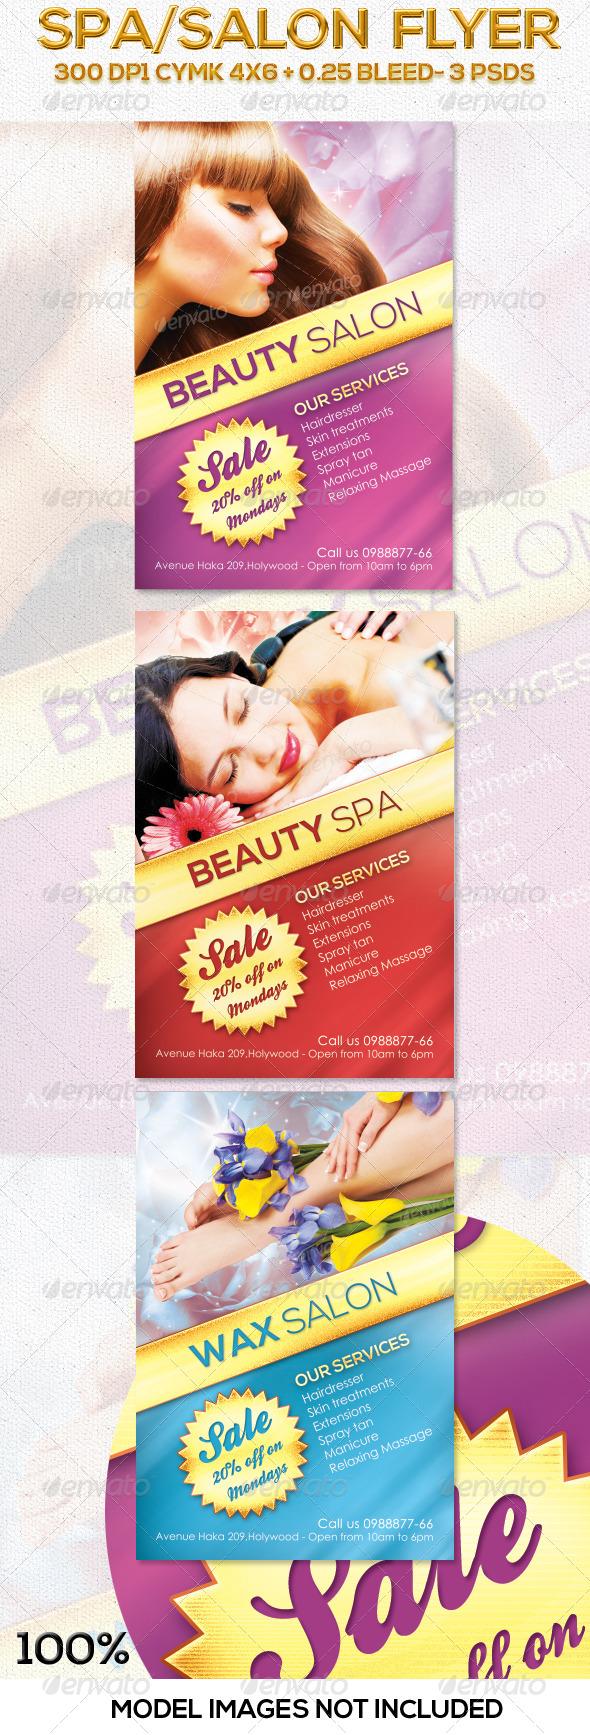 GraphicRiver Salon Spa Flyer in 3 Colors 4484832